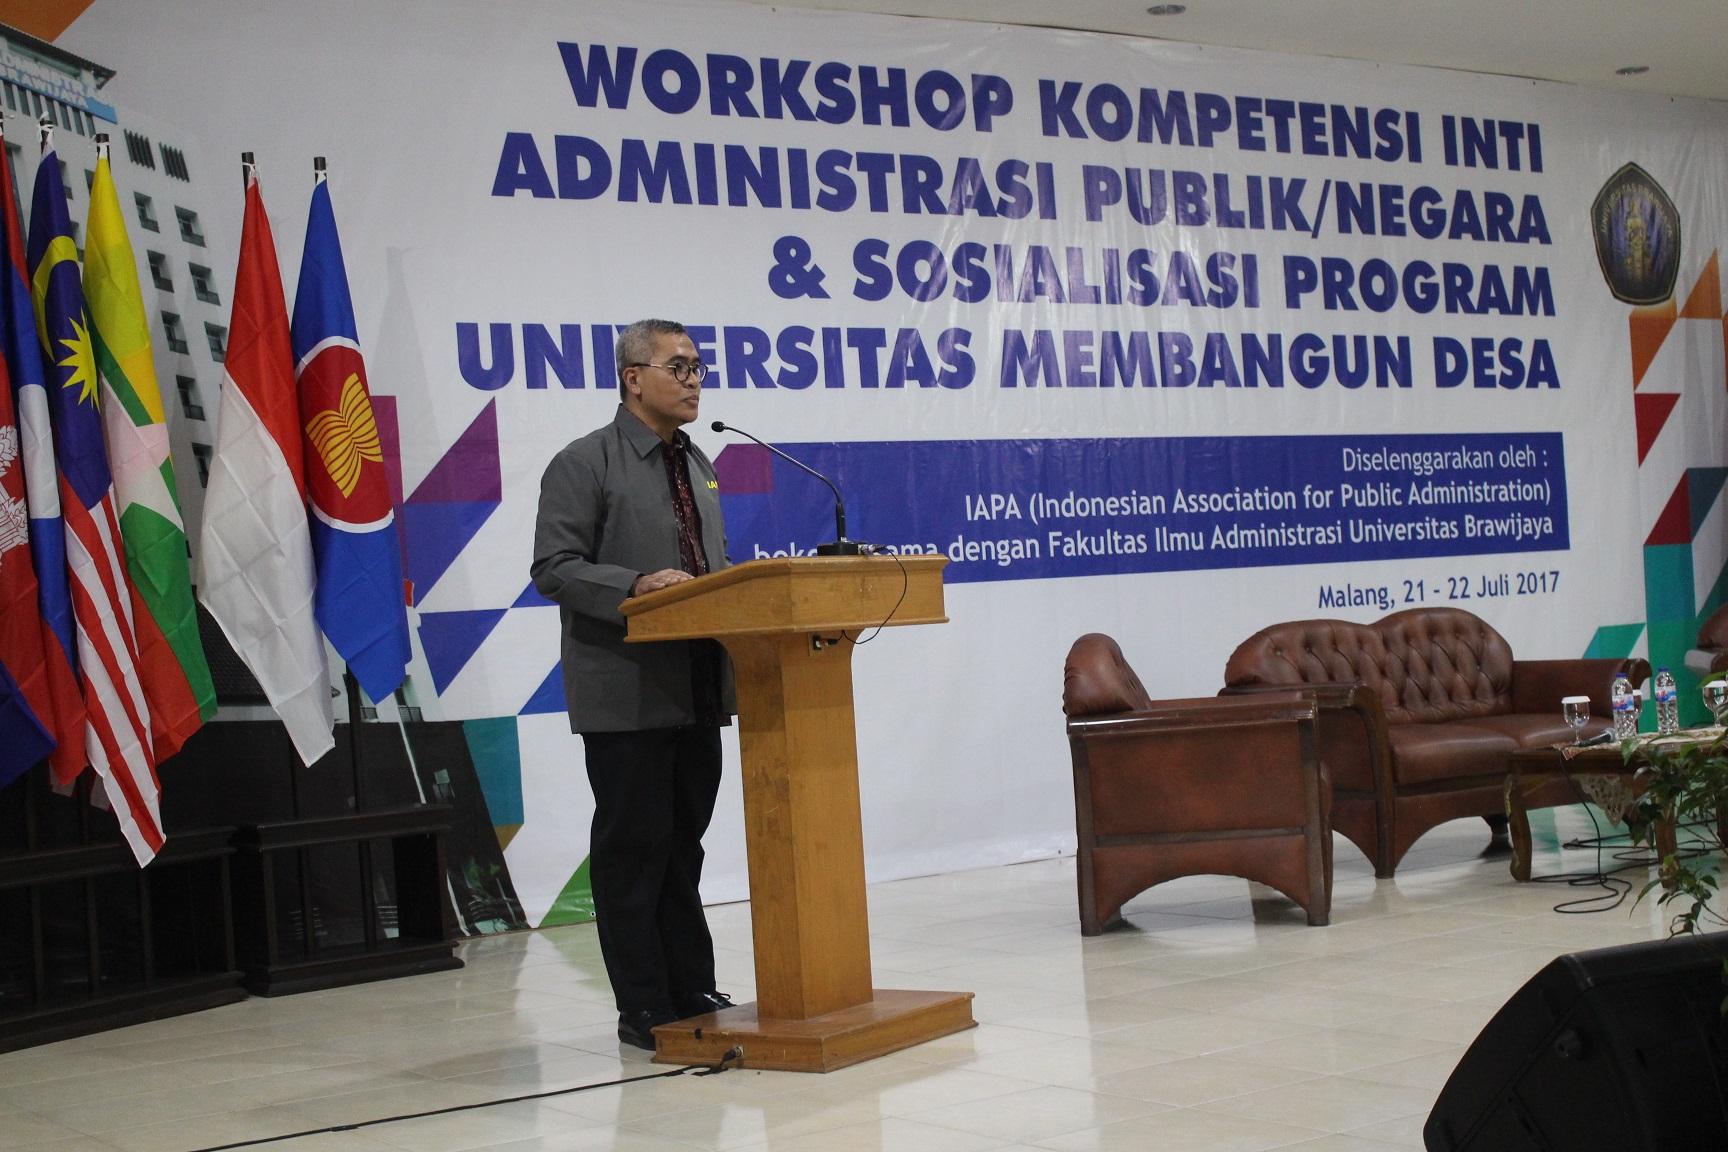 Prof Dr Eko Prasojo Memberikan Sambutan